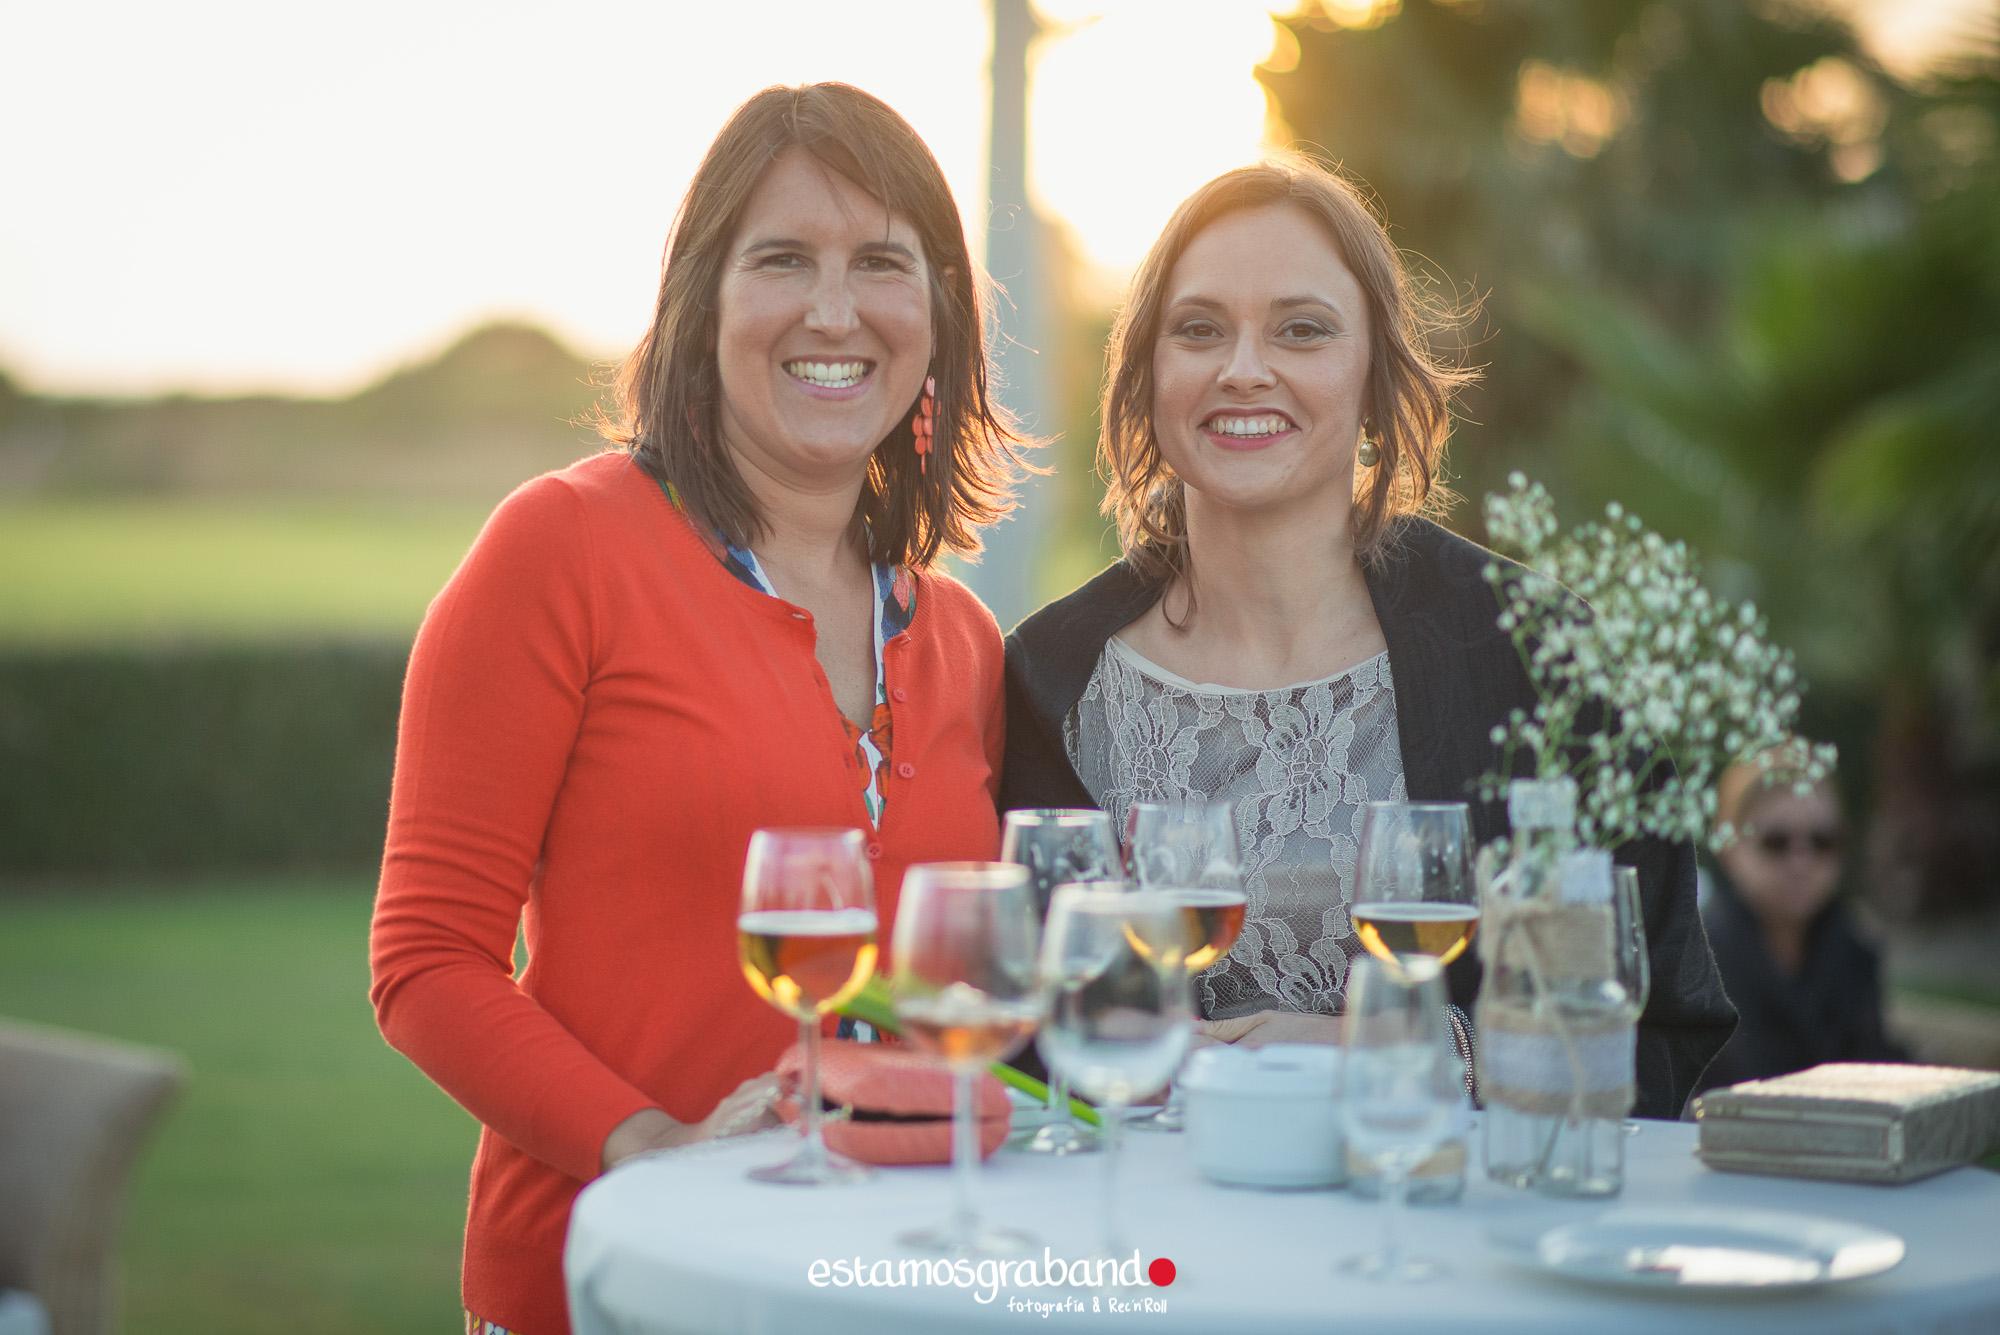 LARA-Y-MIGUE-BACK-TO-DE-THE-WEDDING-19 Los invitados de Lara & Migue [Back to the wedding_Club de Golf Costa Ballena] - video boda cadiz